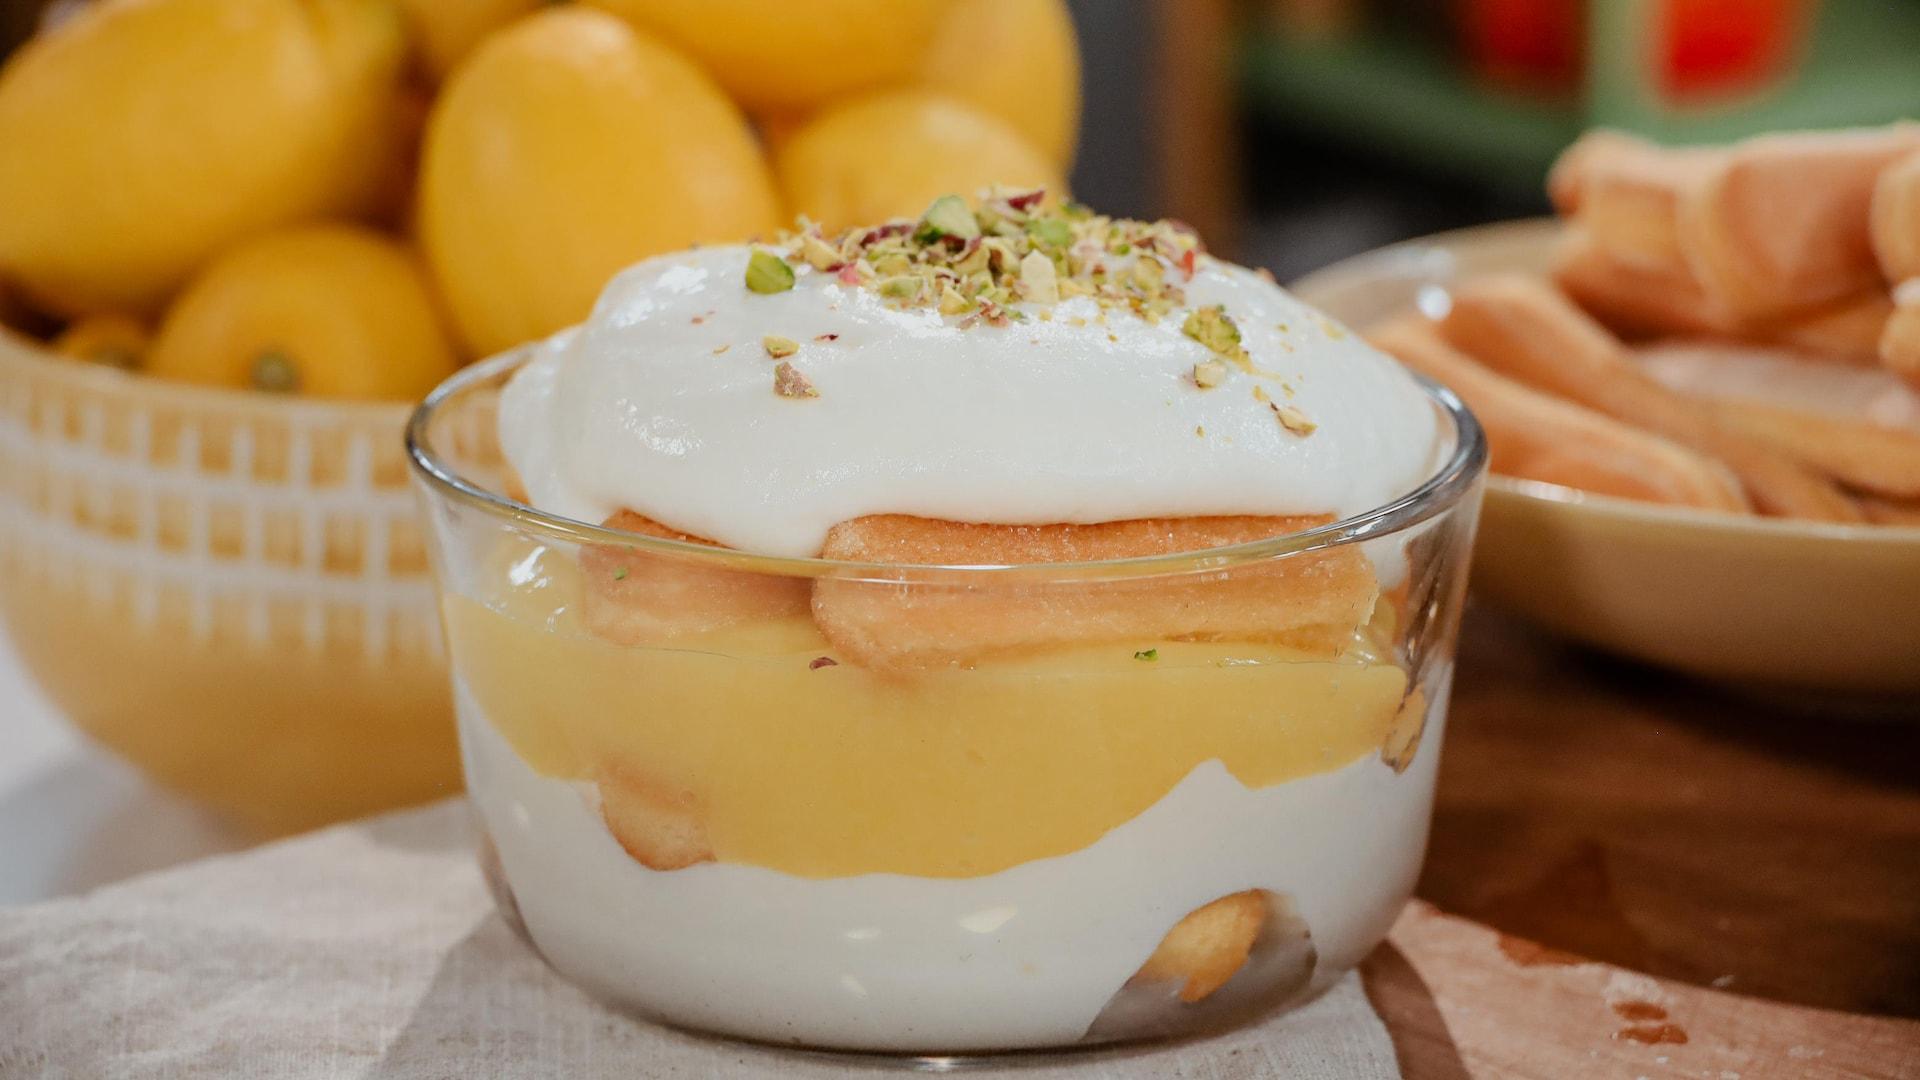 Un pouding étagé au citron, garni de crème fraiche et de pistaches hachées, servi aux côtés de citrons et de doigts de dame.